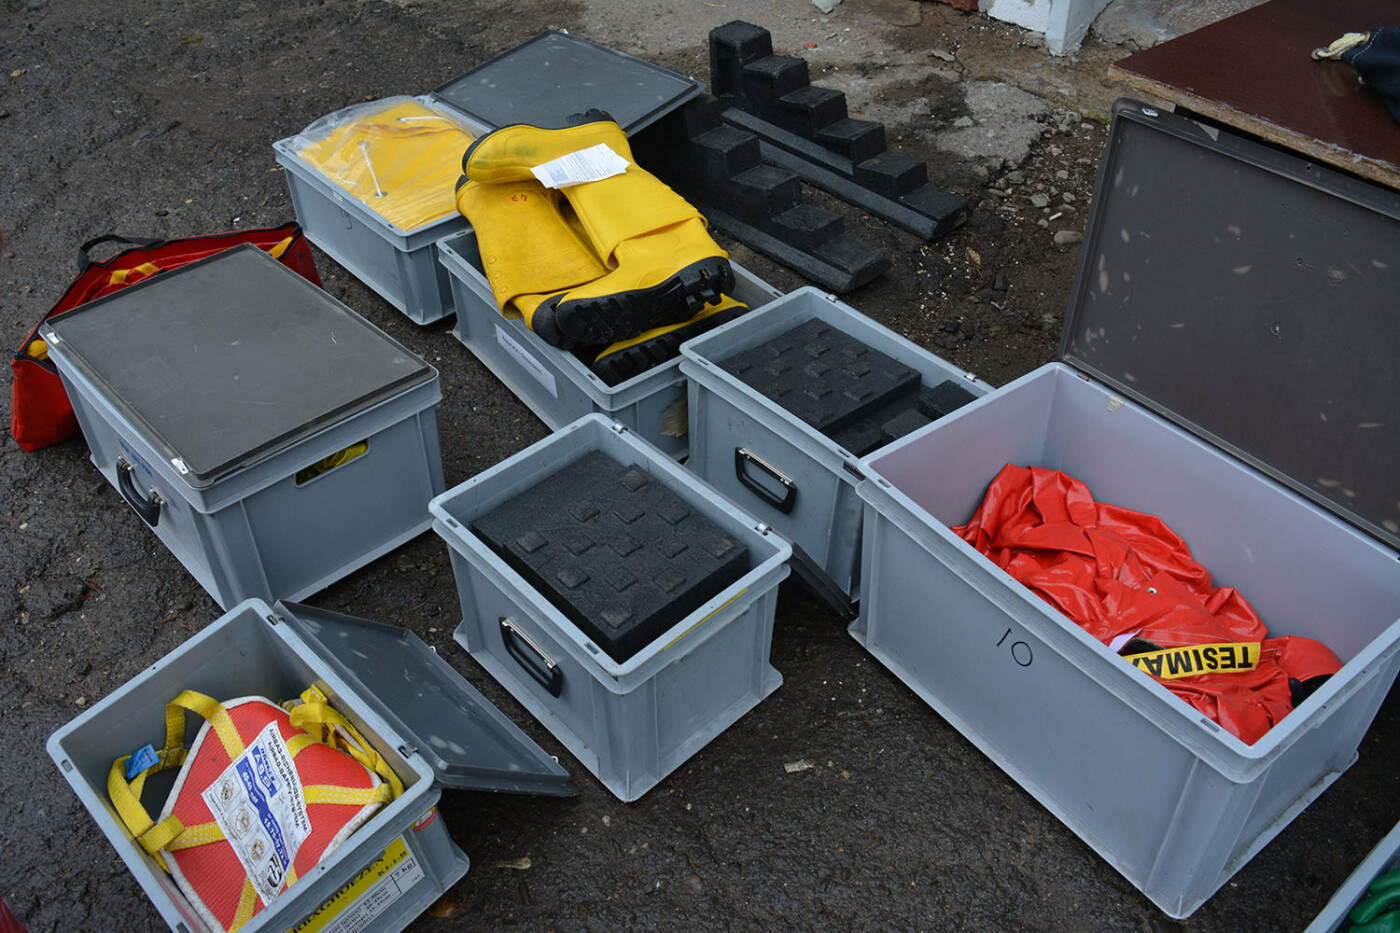 Допомога Нідерландів: ужгородські рятувальники отримали обладнання та спорядження європейського взірця, фото-3